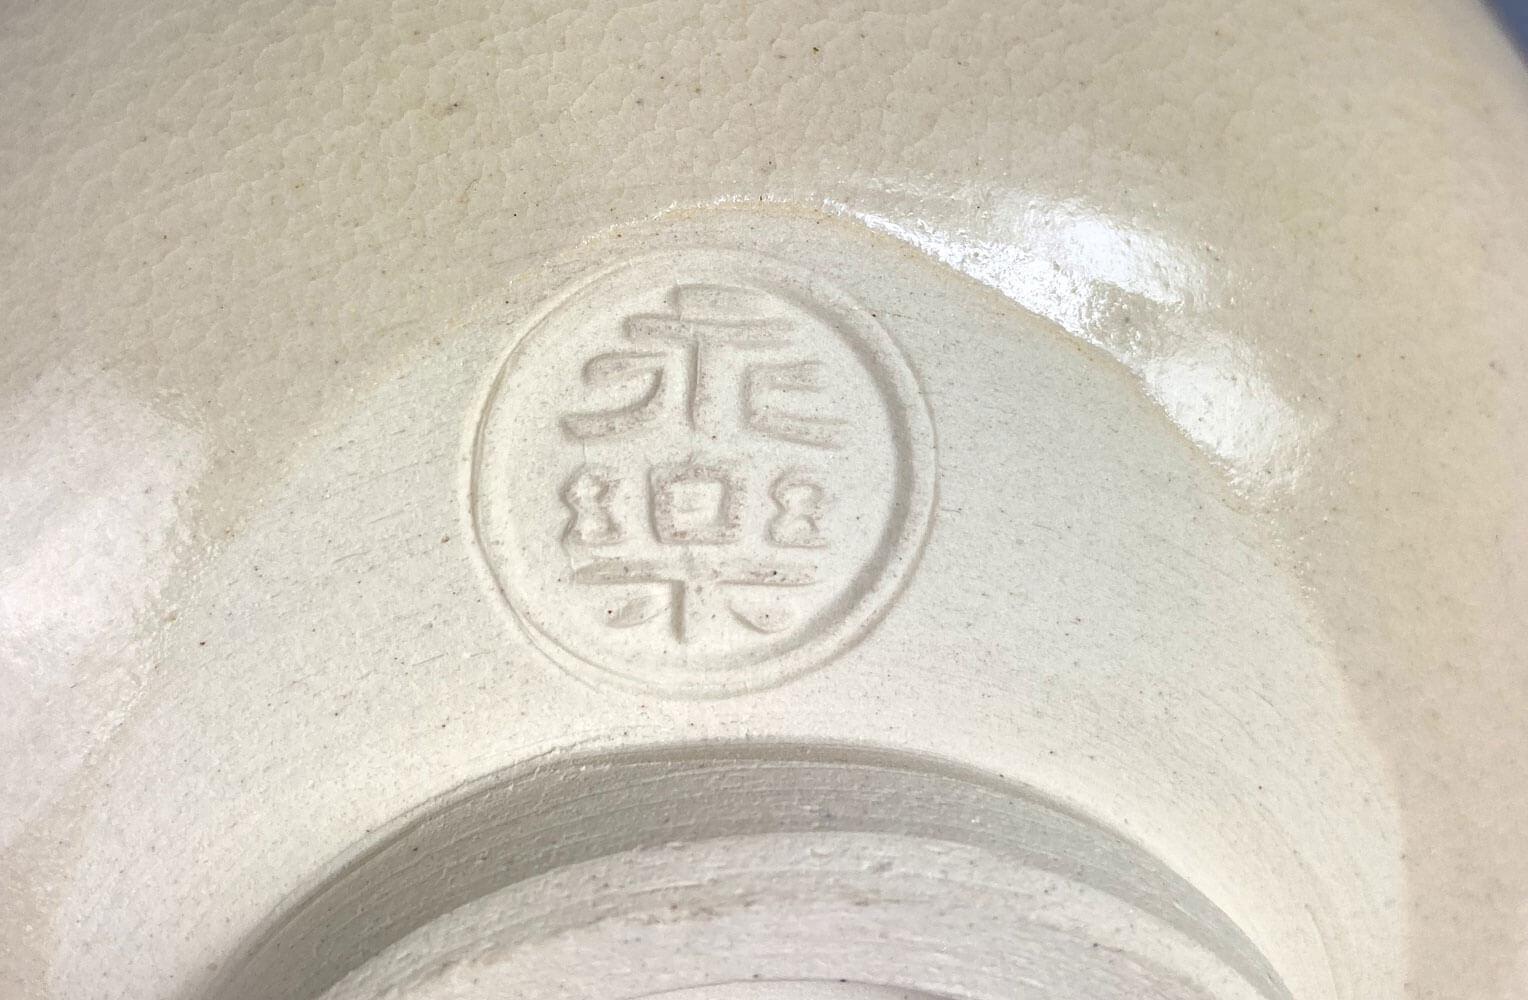 十六代永楽善五郎 仁清写風車 茶碗 落款部分